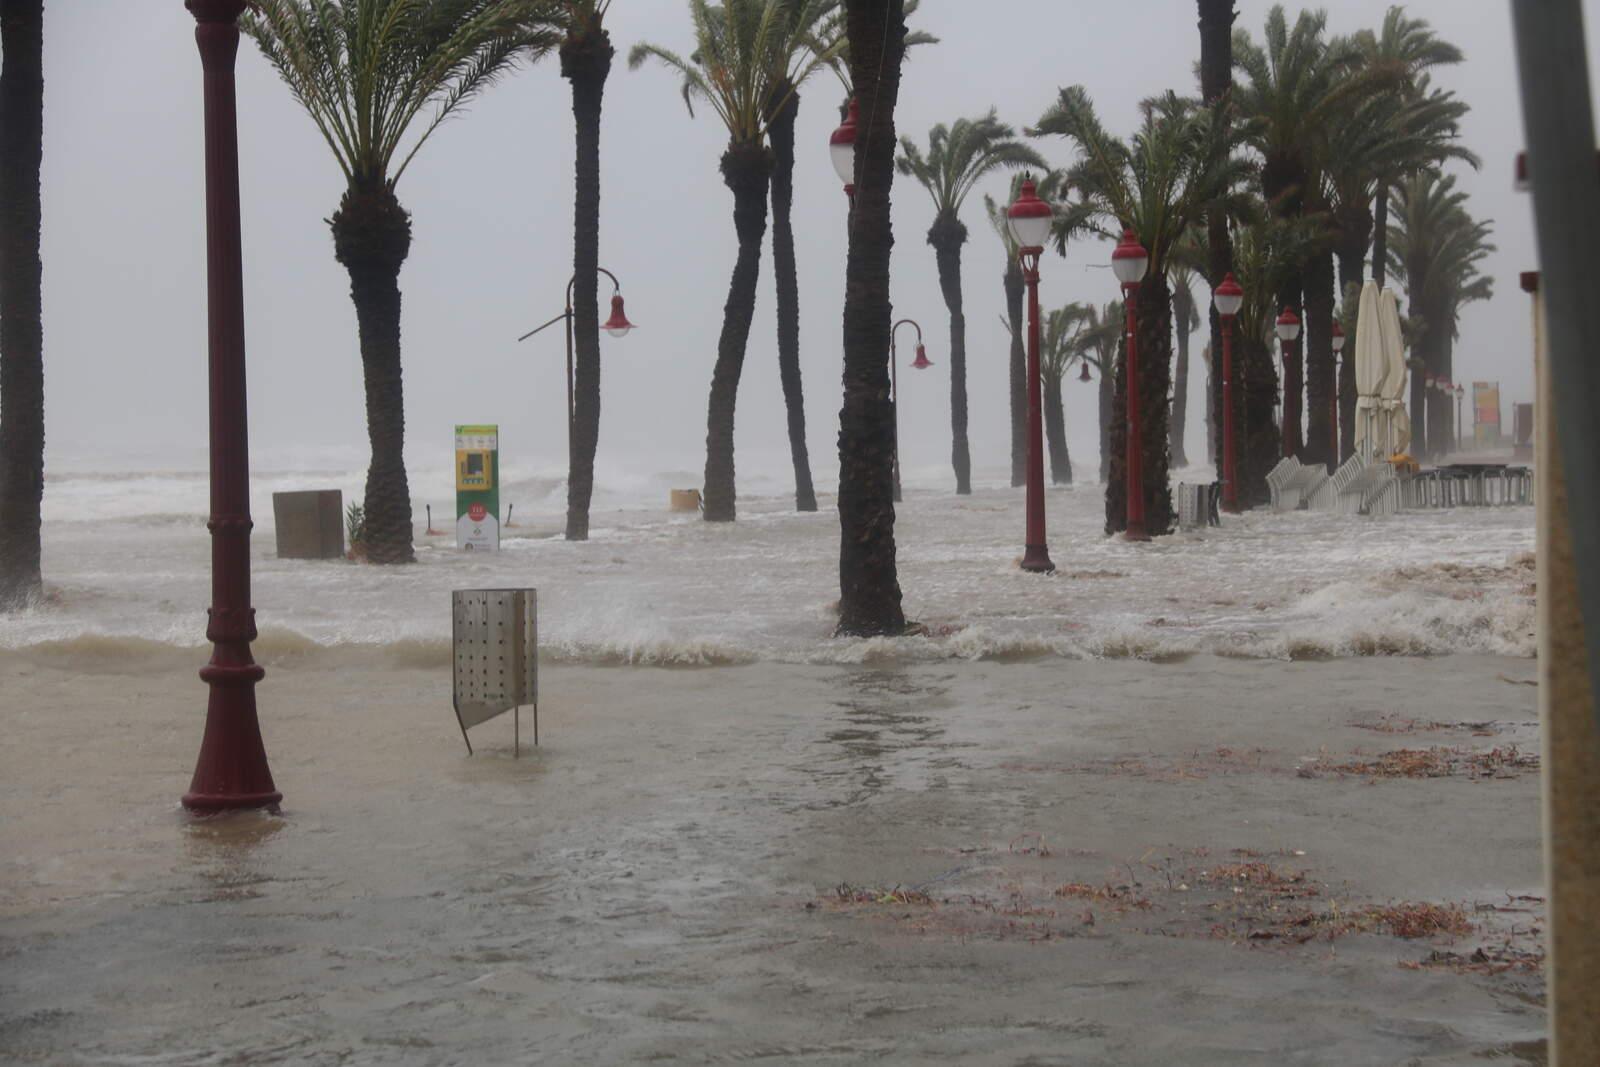 El passeig marítim de Cubelles (Garraf) inundat